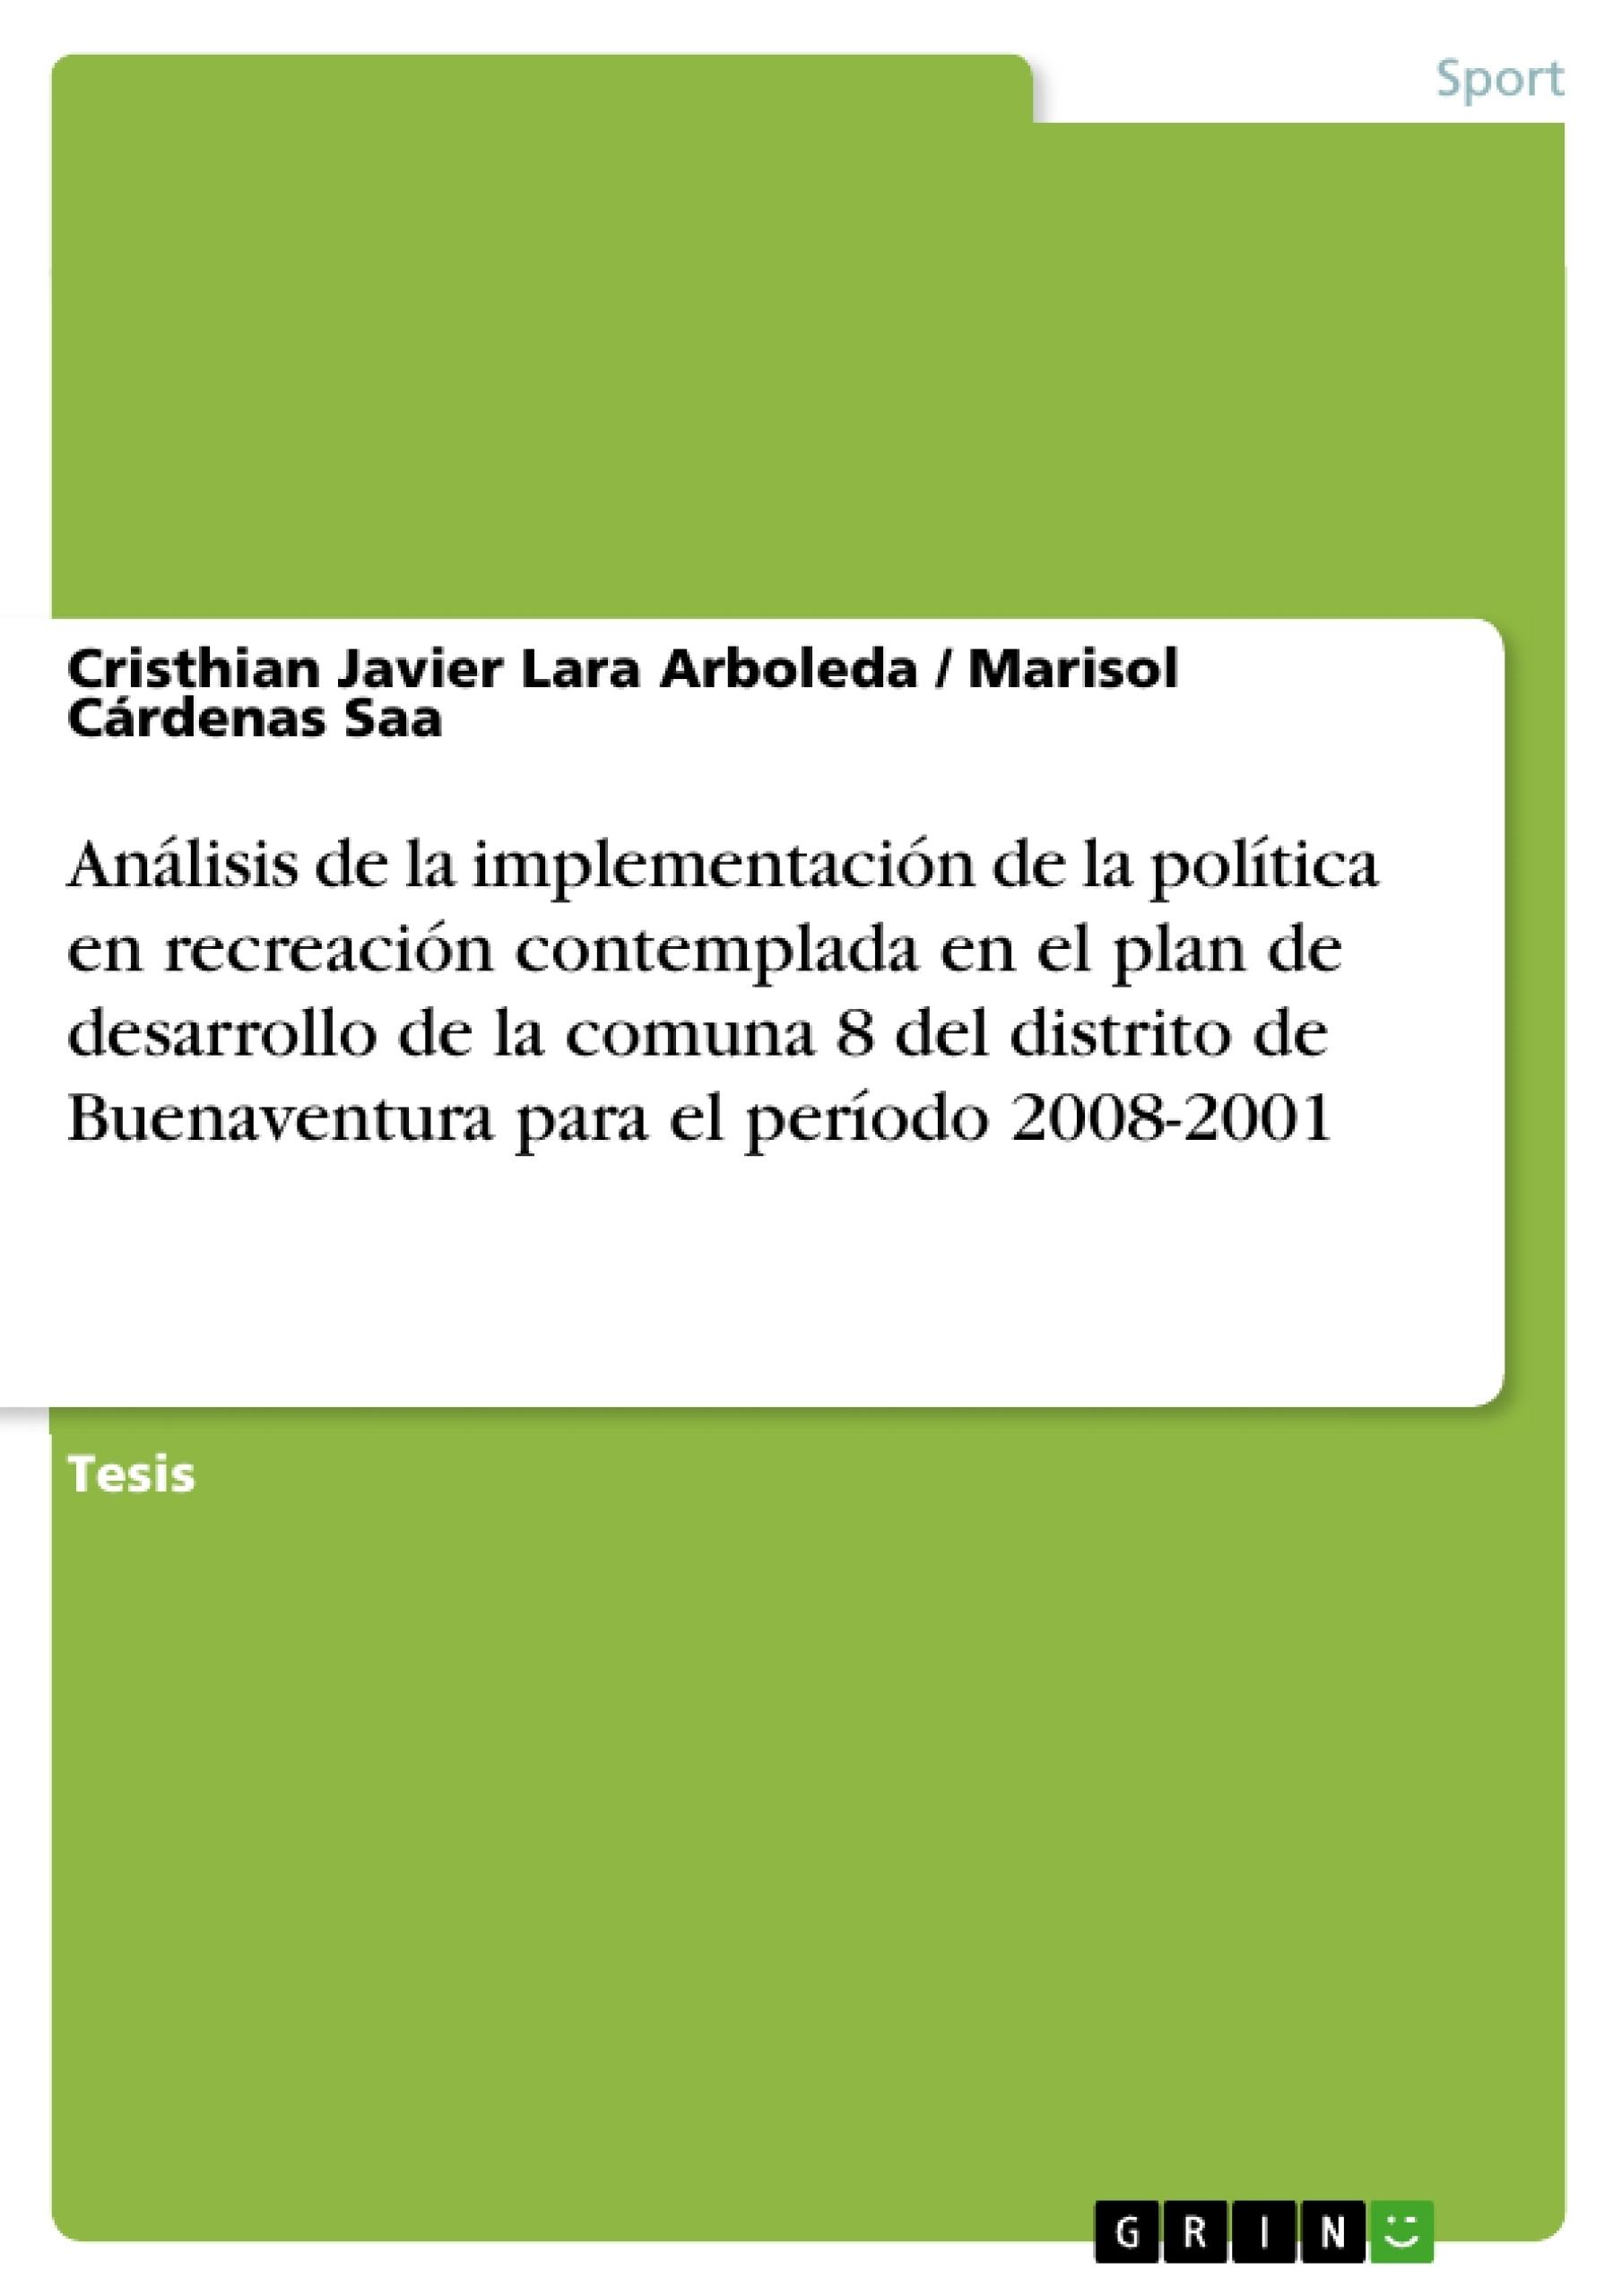 Título: Análisis de la implementación de la política en recreación contemplada en el plan de desarrollo de la comuna 8 del distrito de Buenaventura para el período 2008-2001